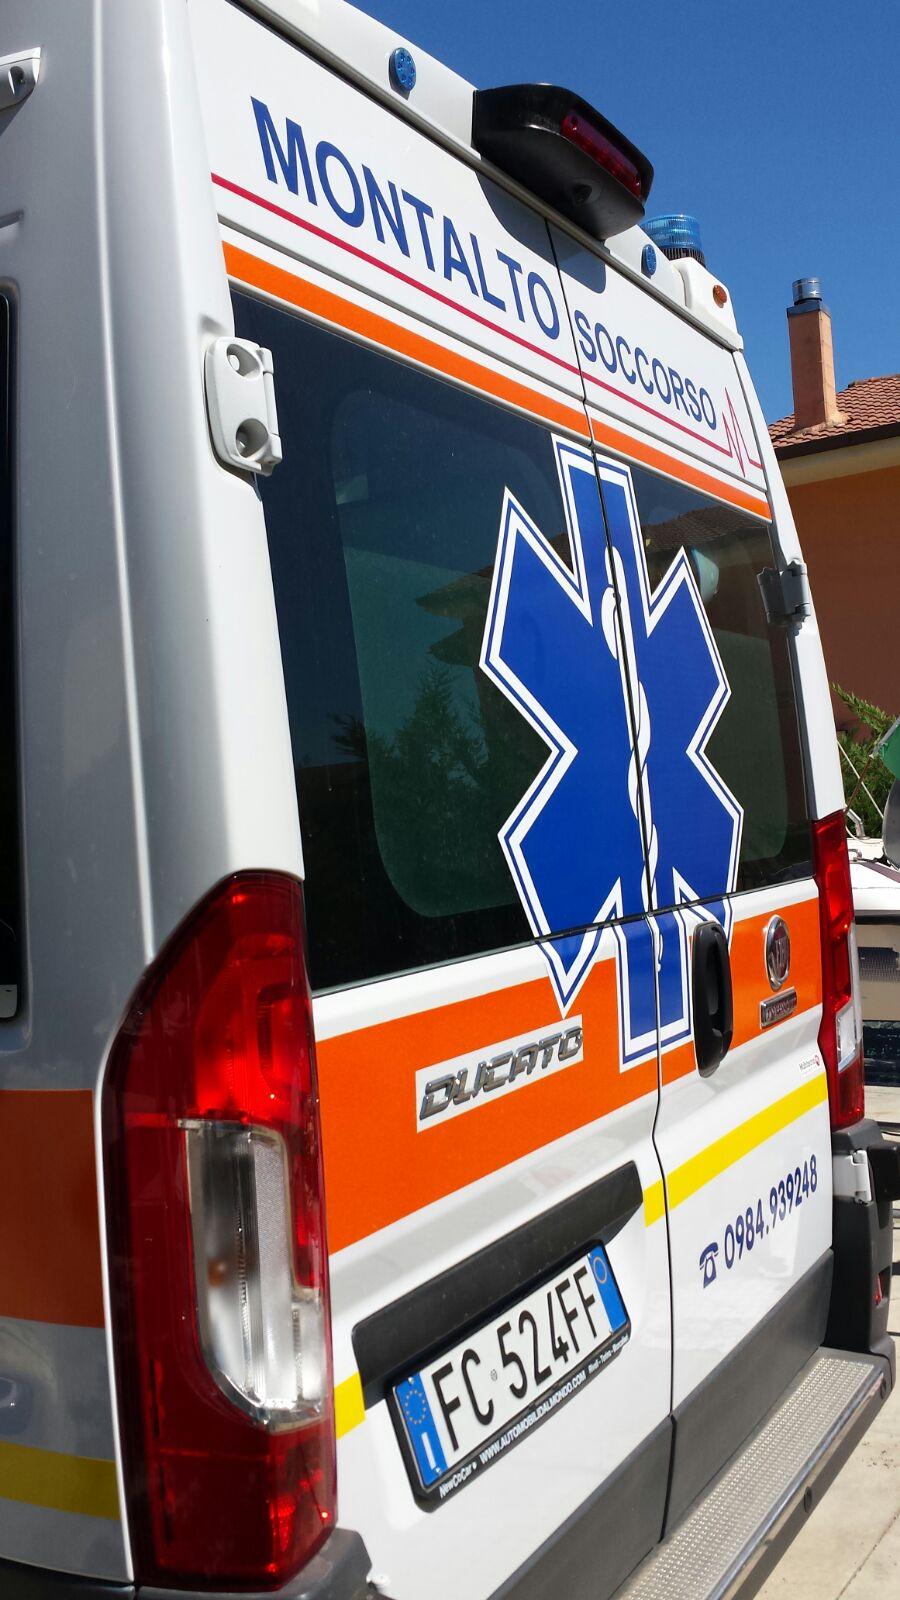 portelloni dell'ambulanza